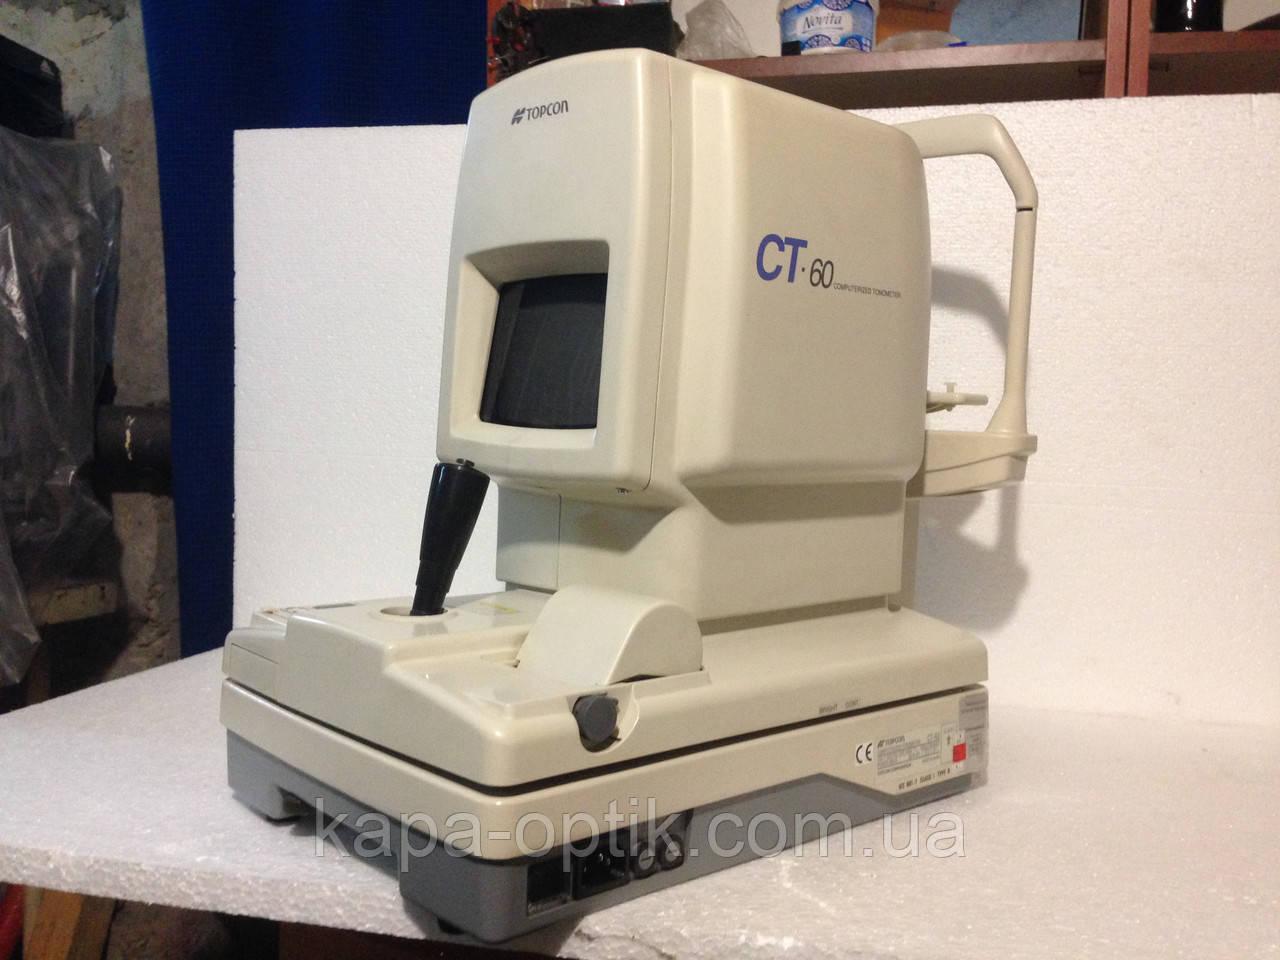 Бесконтактный пневмотонометр TOPCON CT-60